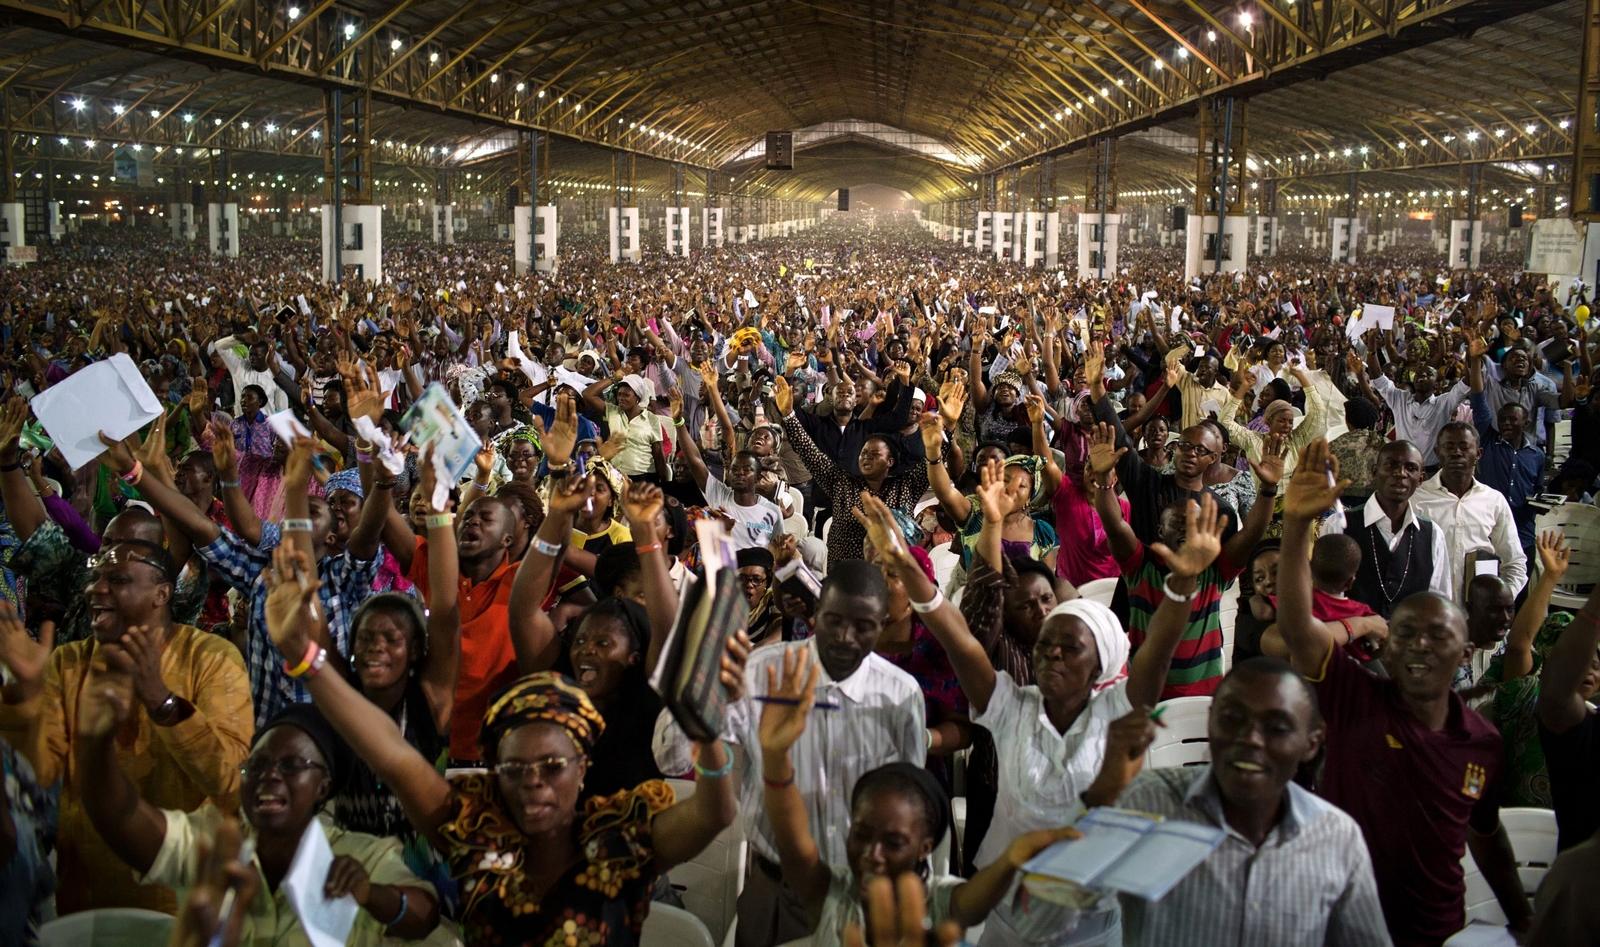 Qué Debemos Aprender los Occidentales del Cristianismo en África